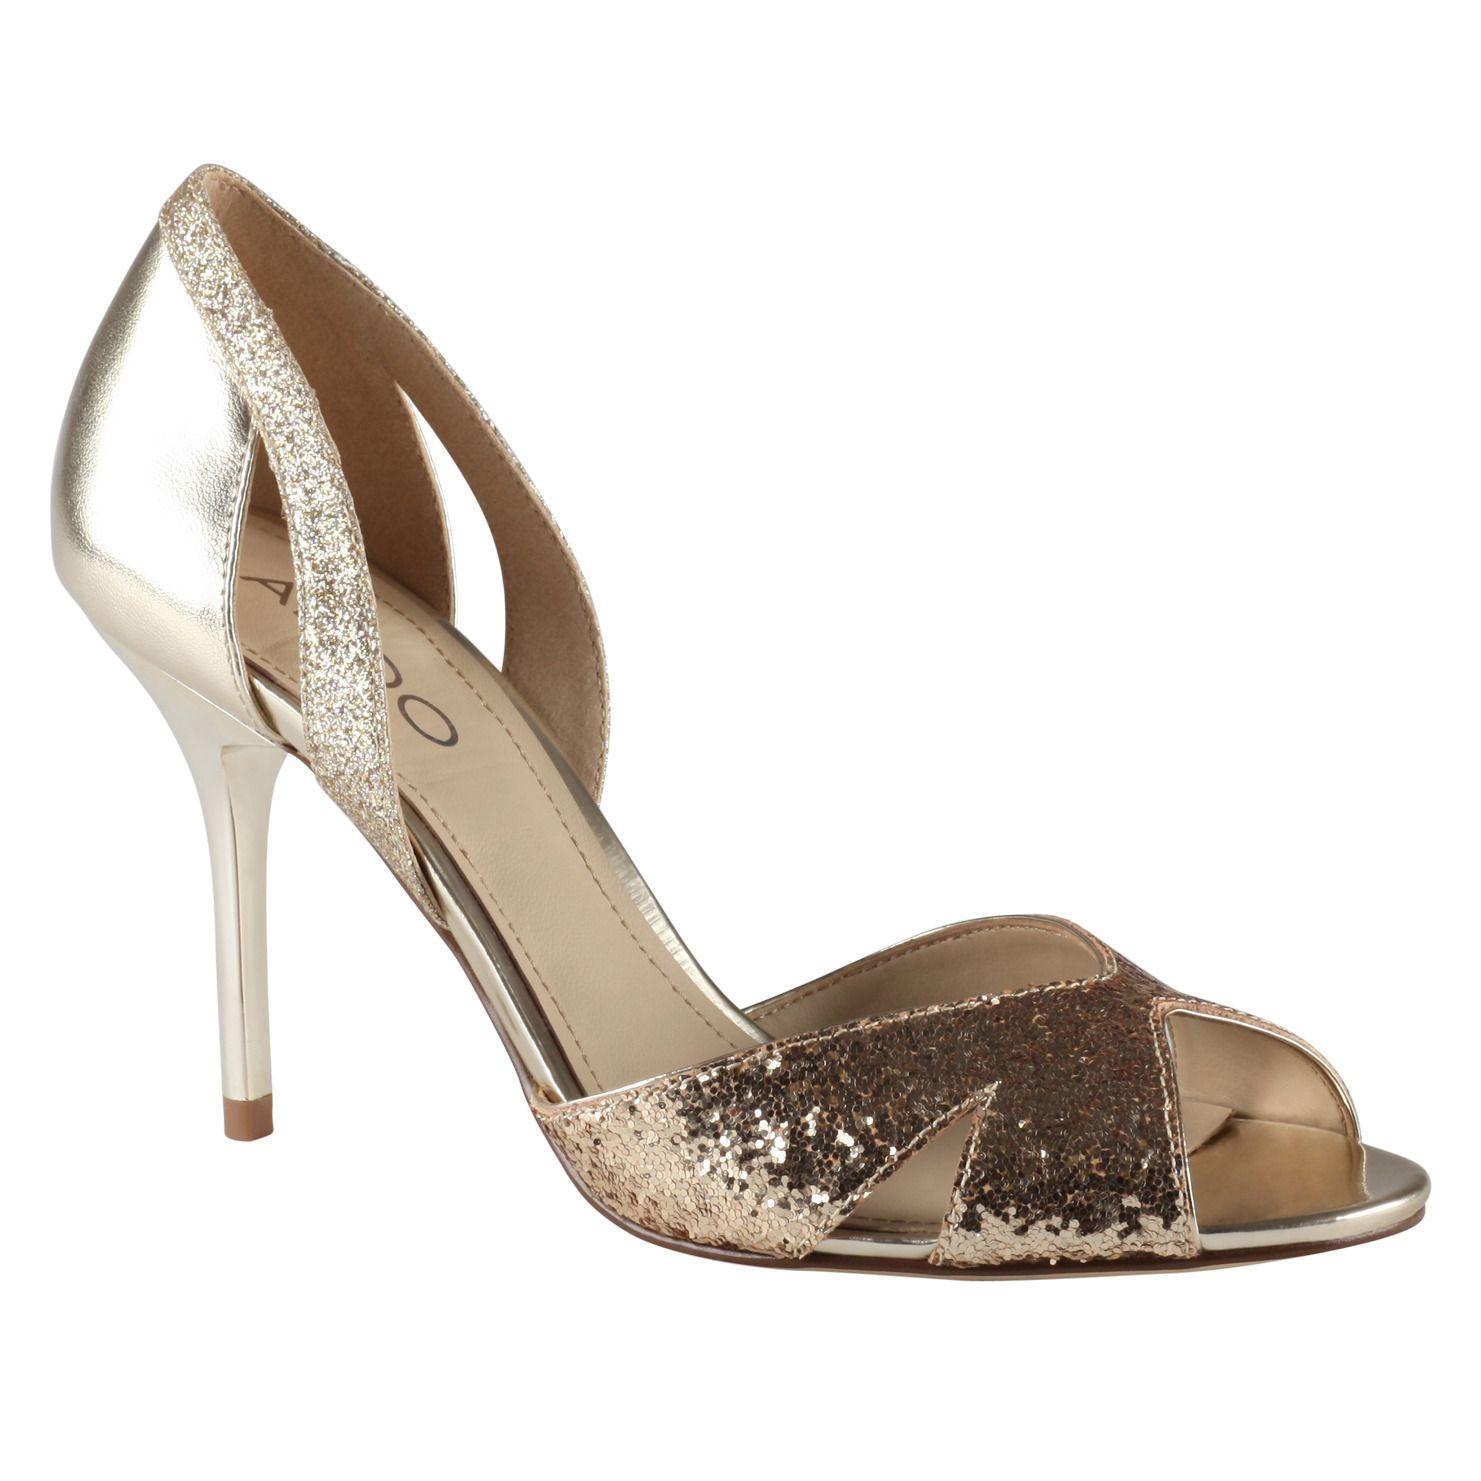 d778f9b86f2 Got my wedding shoes! CLARISA - sale s sale shoes women for sale at ALDO  Shoes.